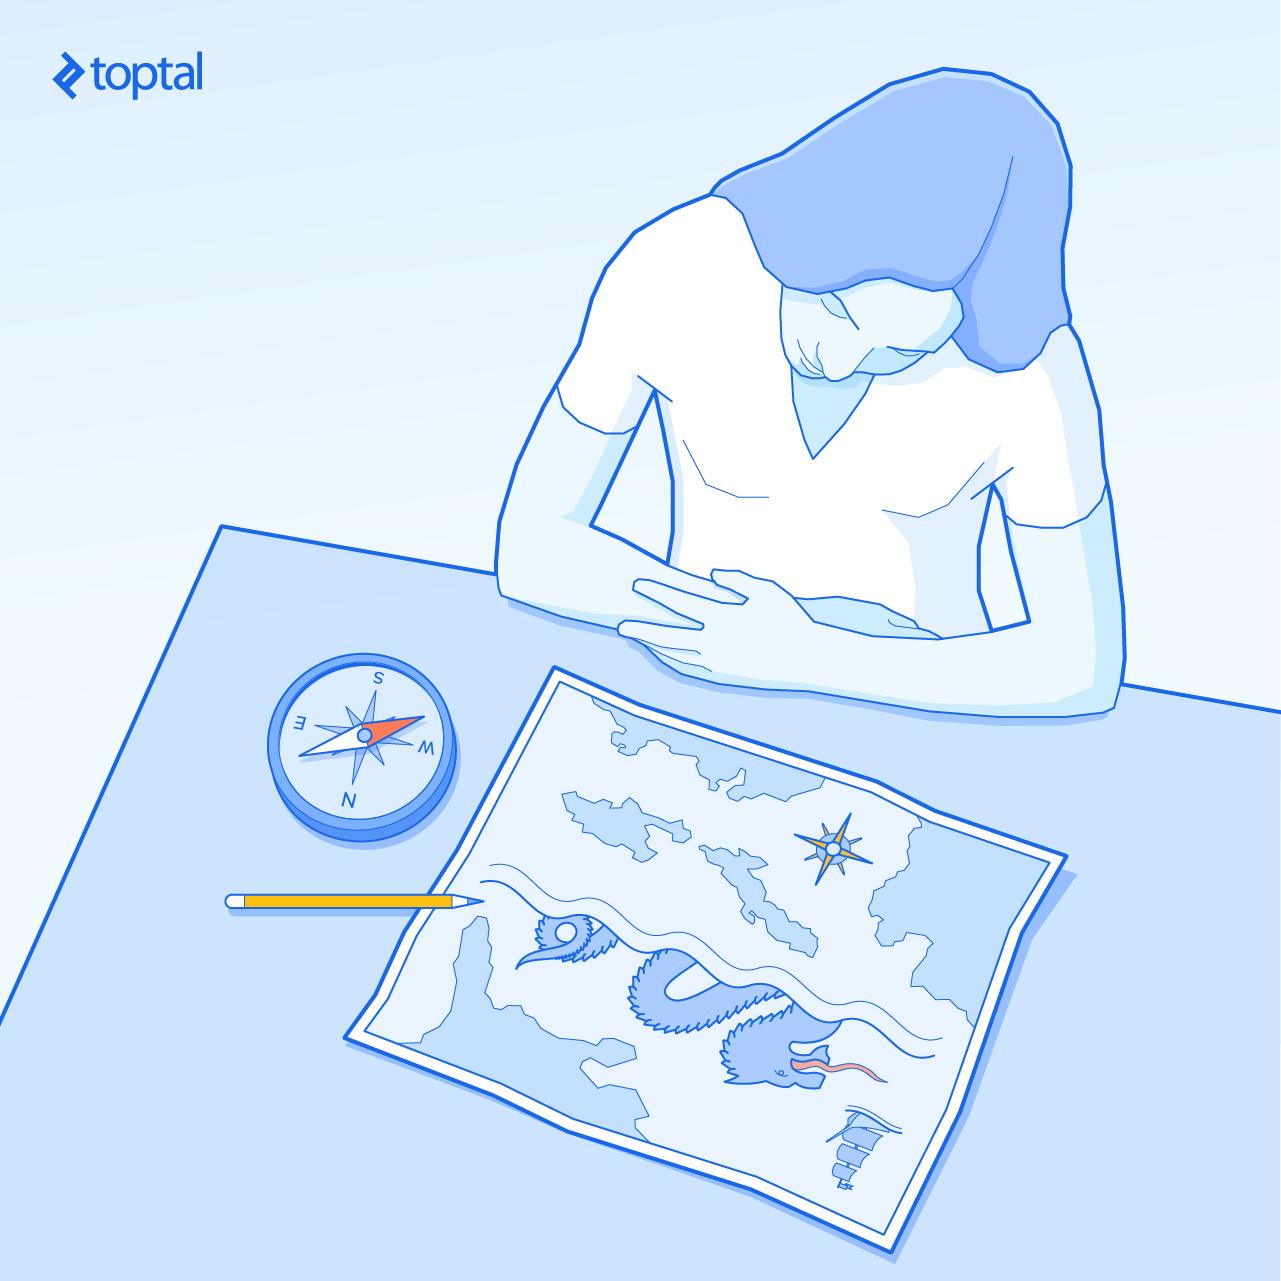 Herramientas de comunicación utilizadas por los equipos de diseño